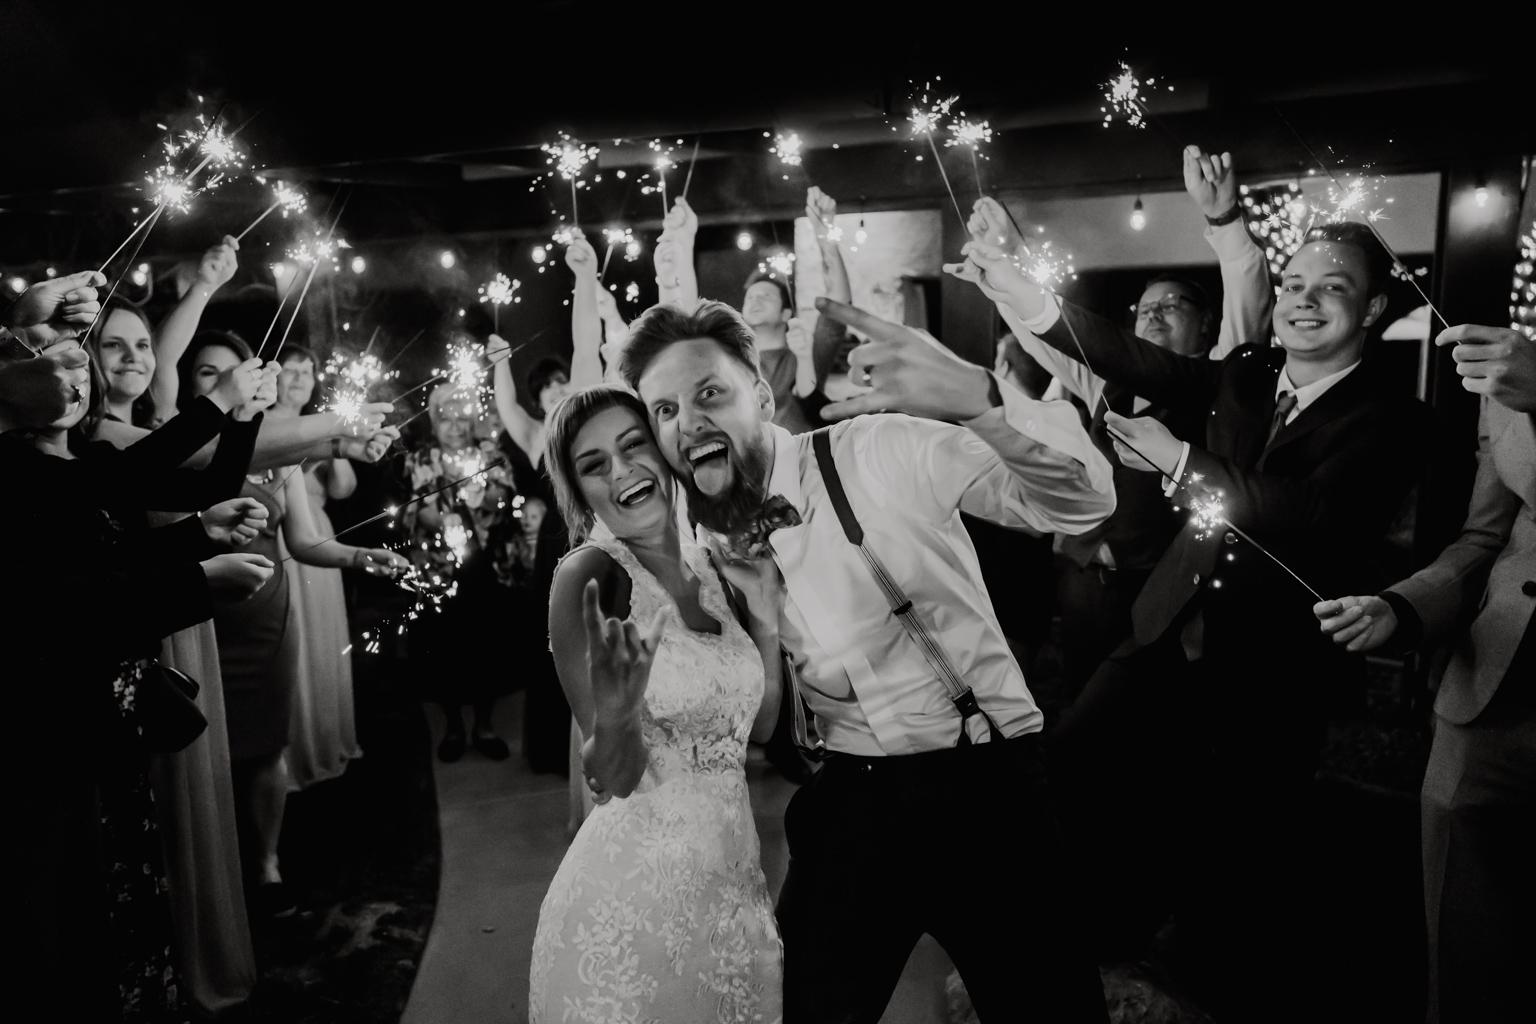 trouweninhetbuitenland_huwelijksfotografie_roxannedankers-69.jpg